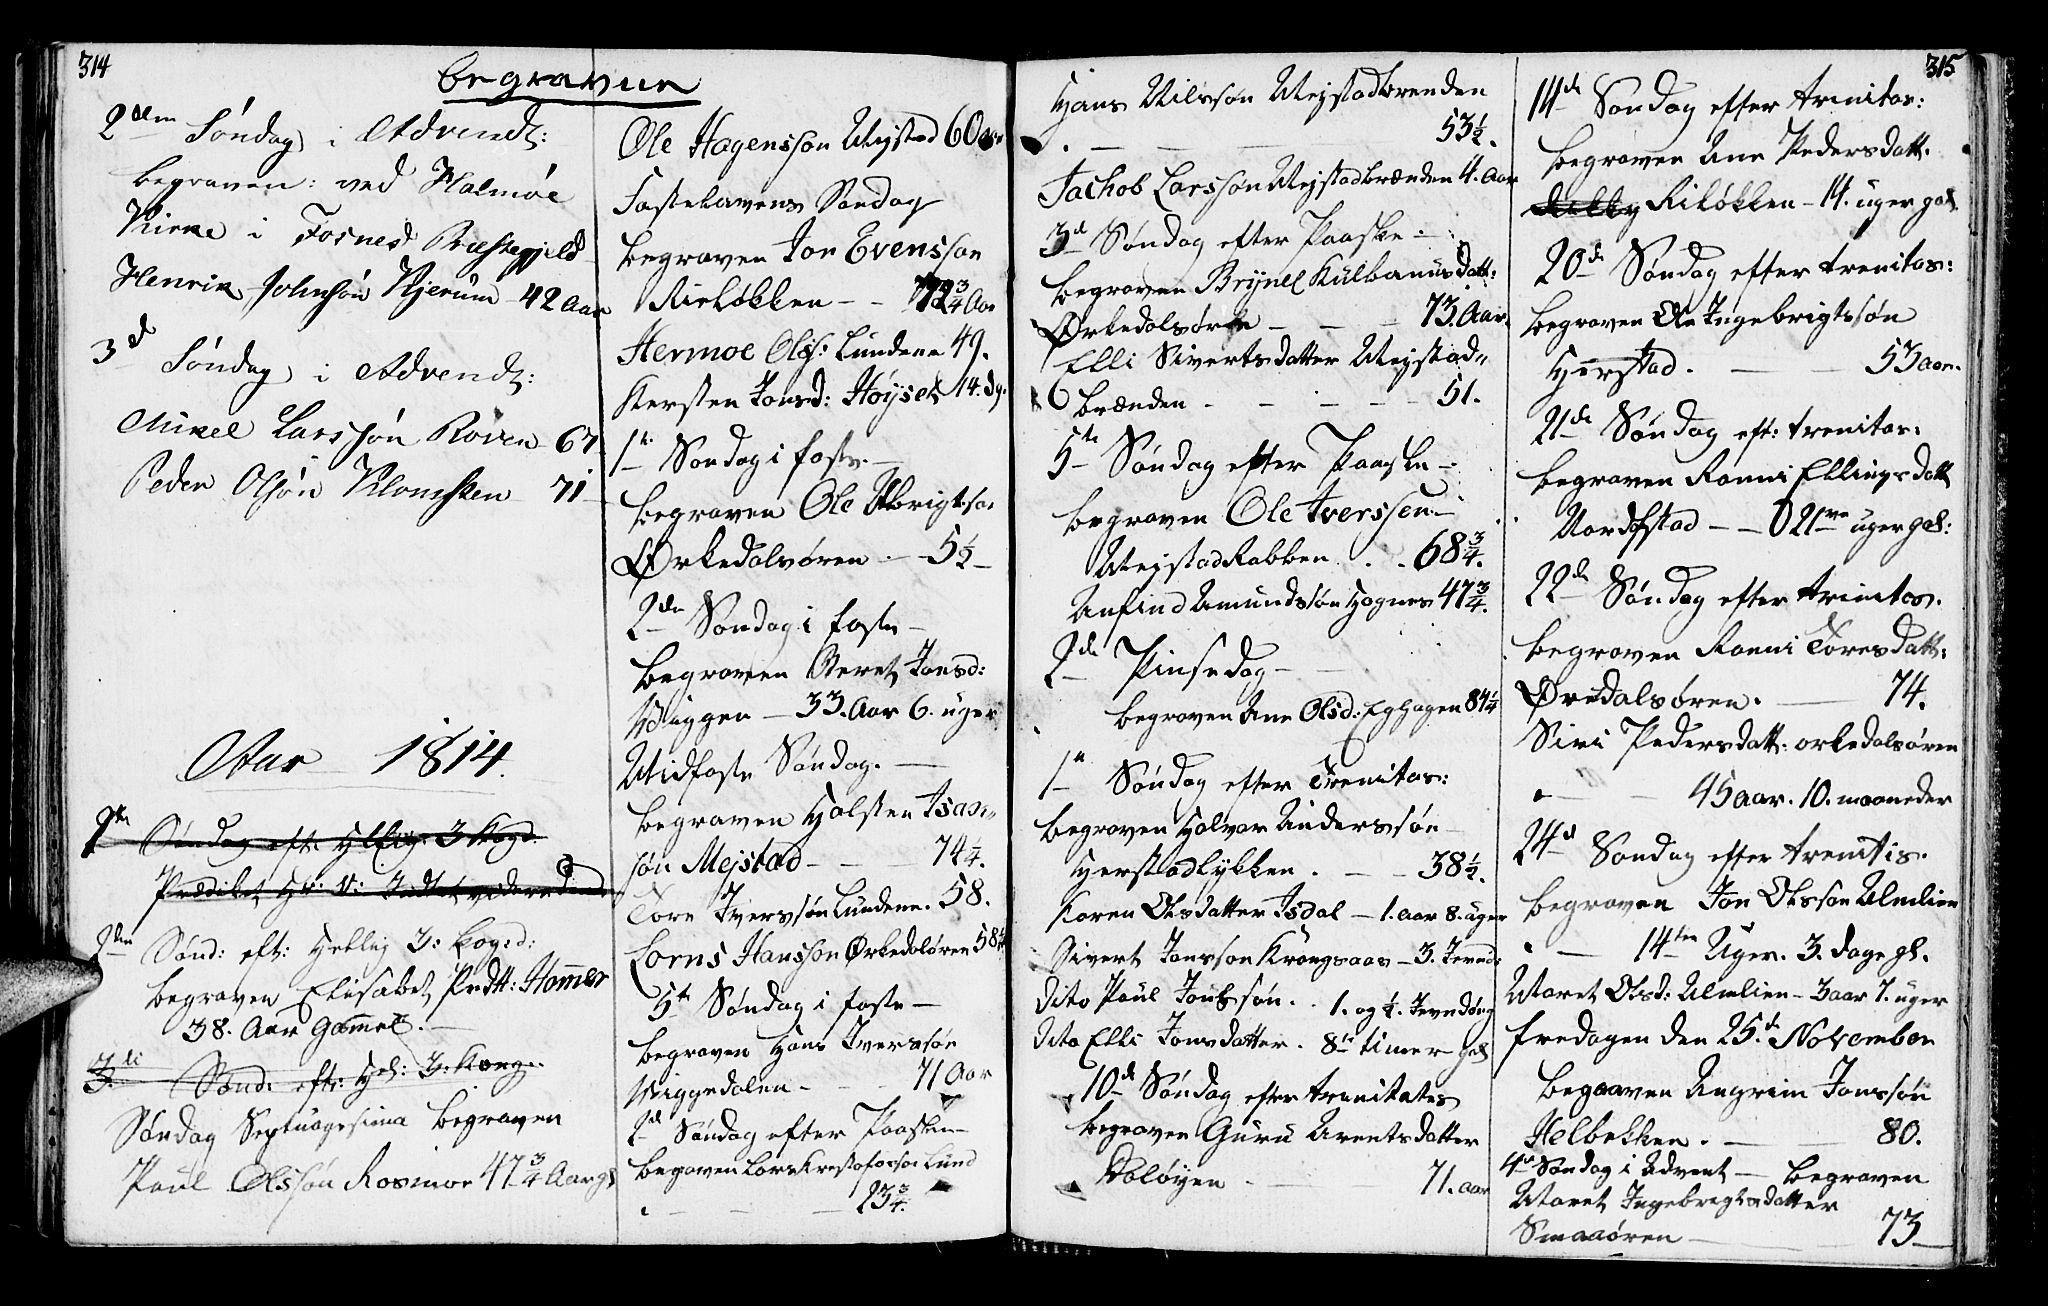 SAT, Ministerialprotokoller, klokkerbøker og fødselsregistre - Sør-Trøndelag, 665/L0769: Ministerialbok nr. 665A04, 1803-1816, s. 314-315